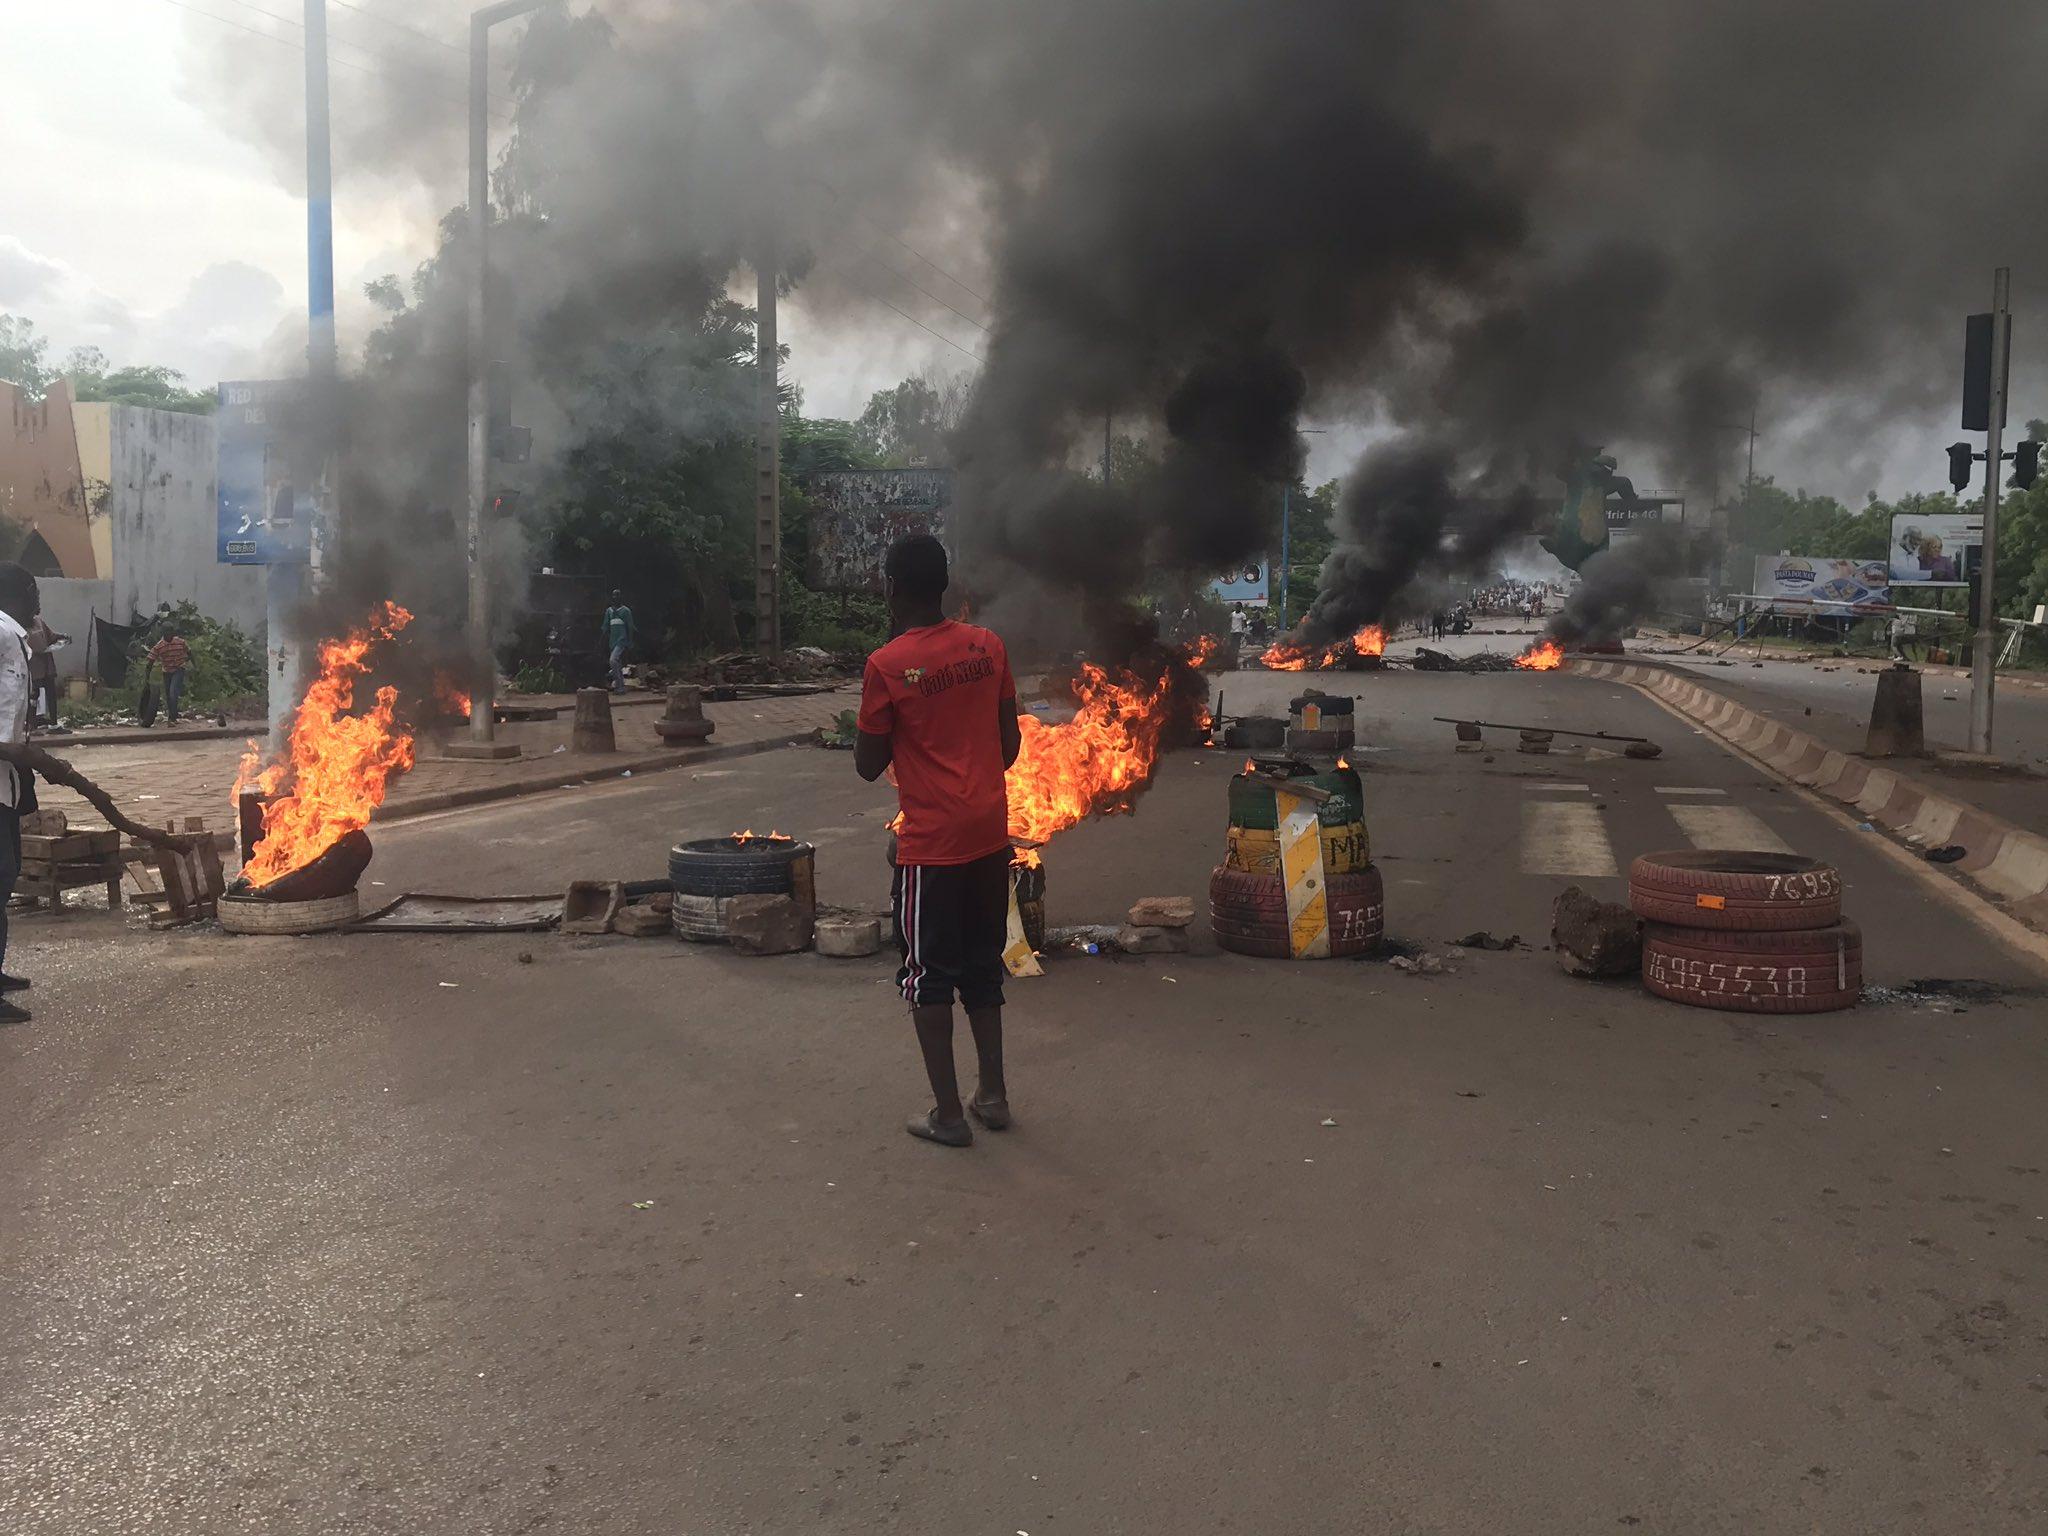 Mali : Les manifestants assiègent la télévision nationale, l'Assemblée nationale saccagée.